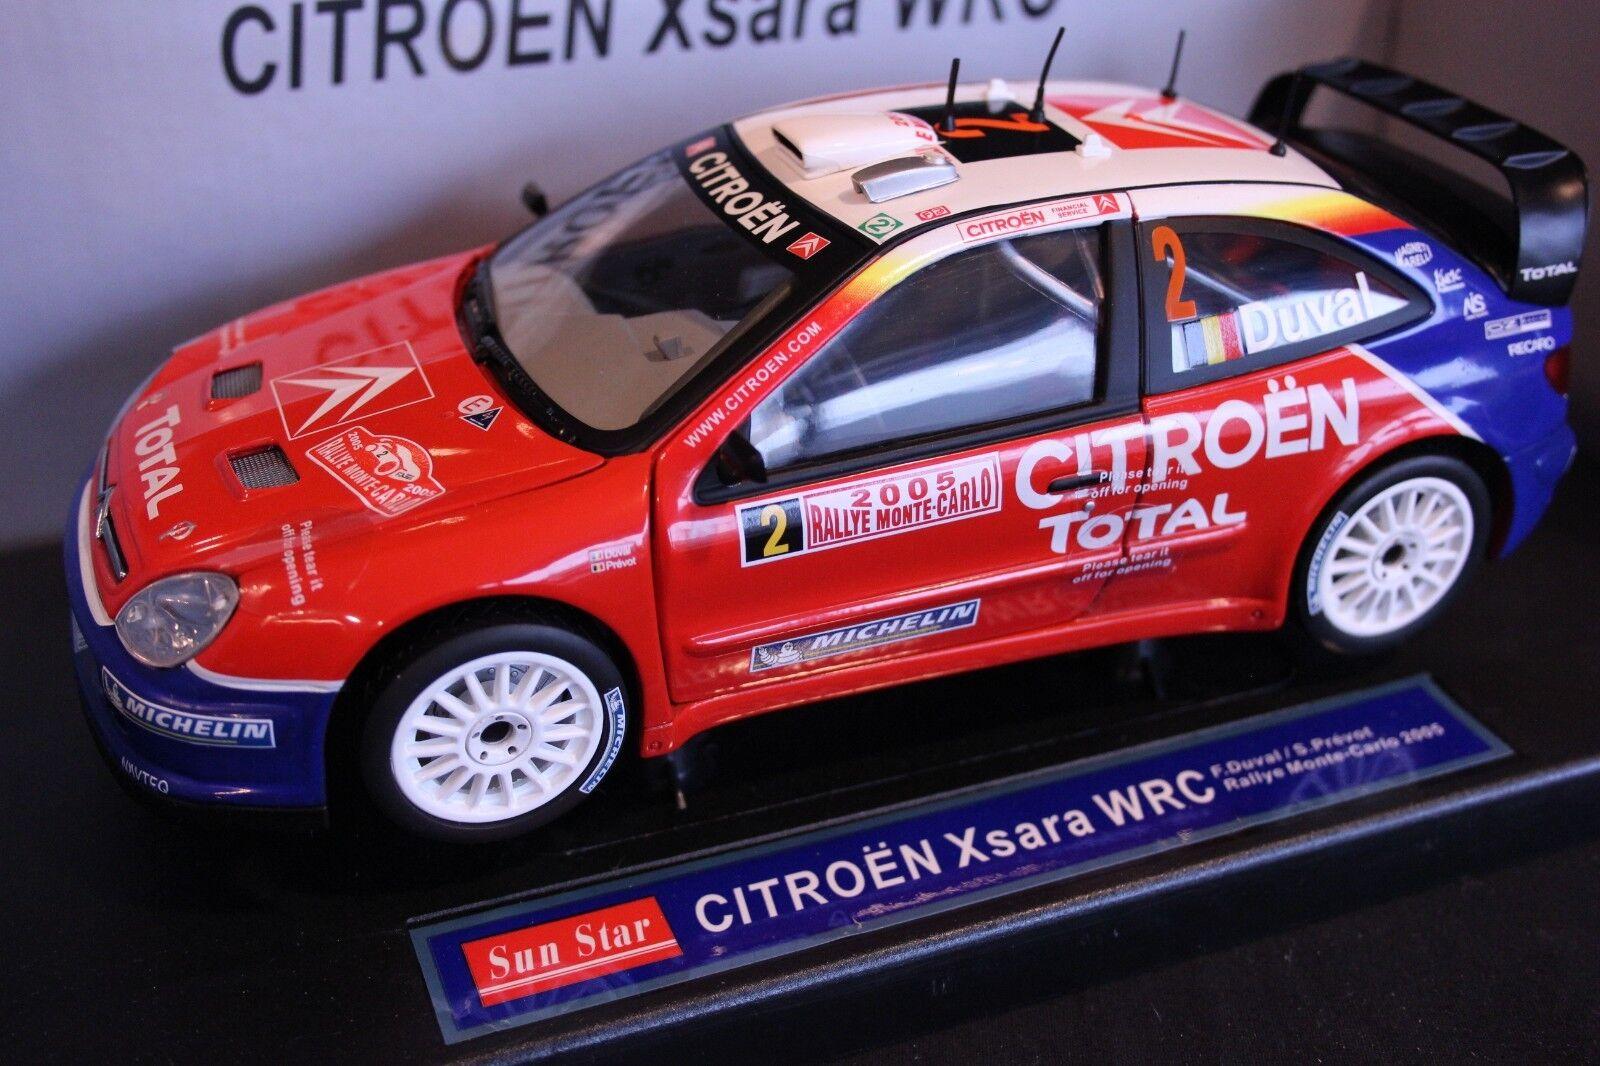 Sun Star Citroën Xsara WRC 2005 1 18  2 Duval   Prévot Rally Monte Carlo (AK) ç